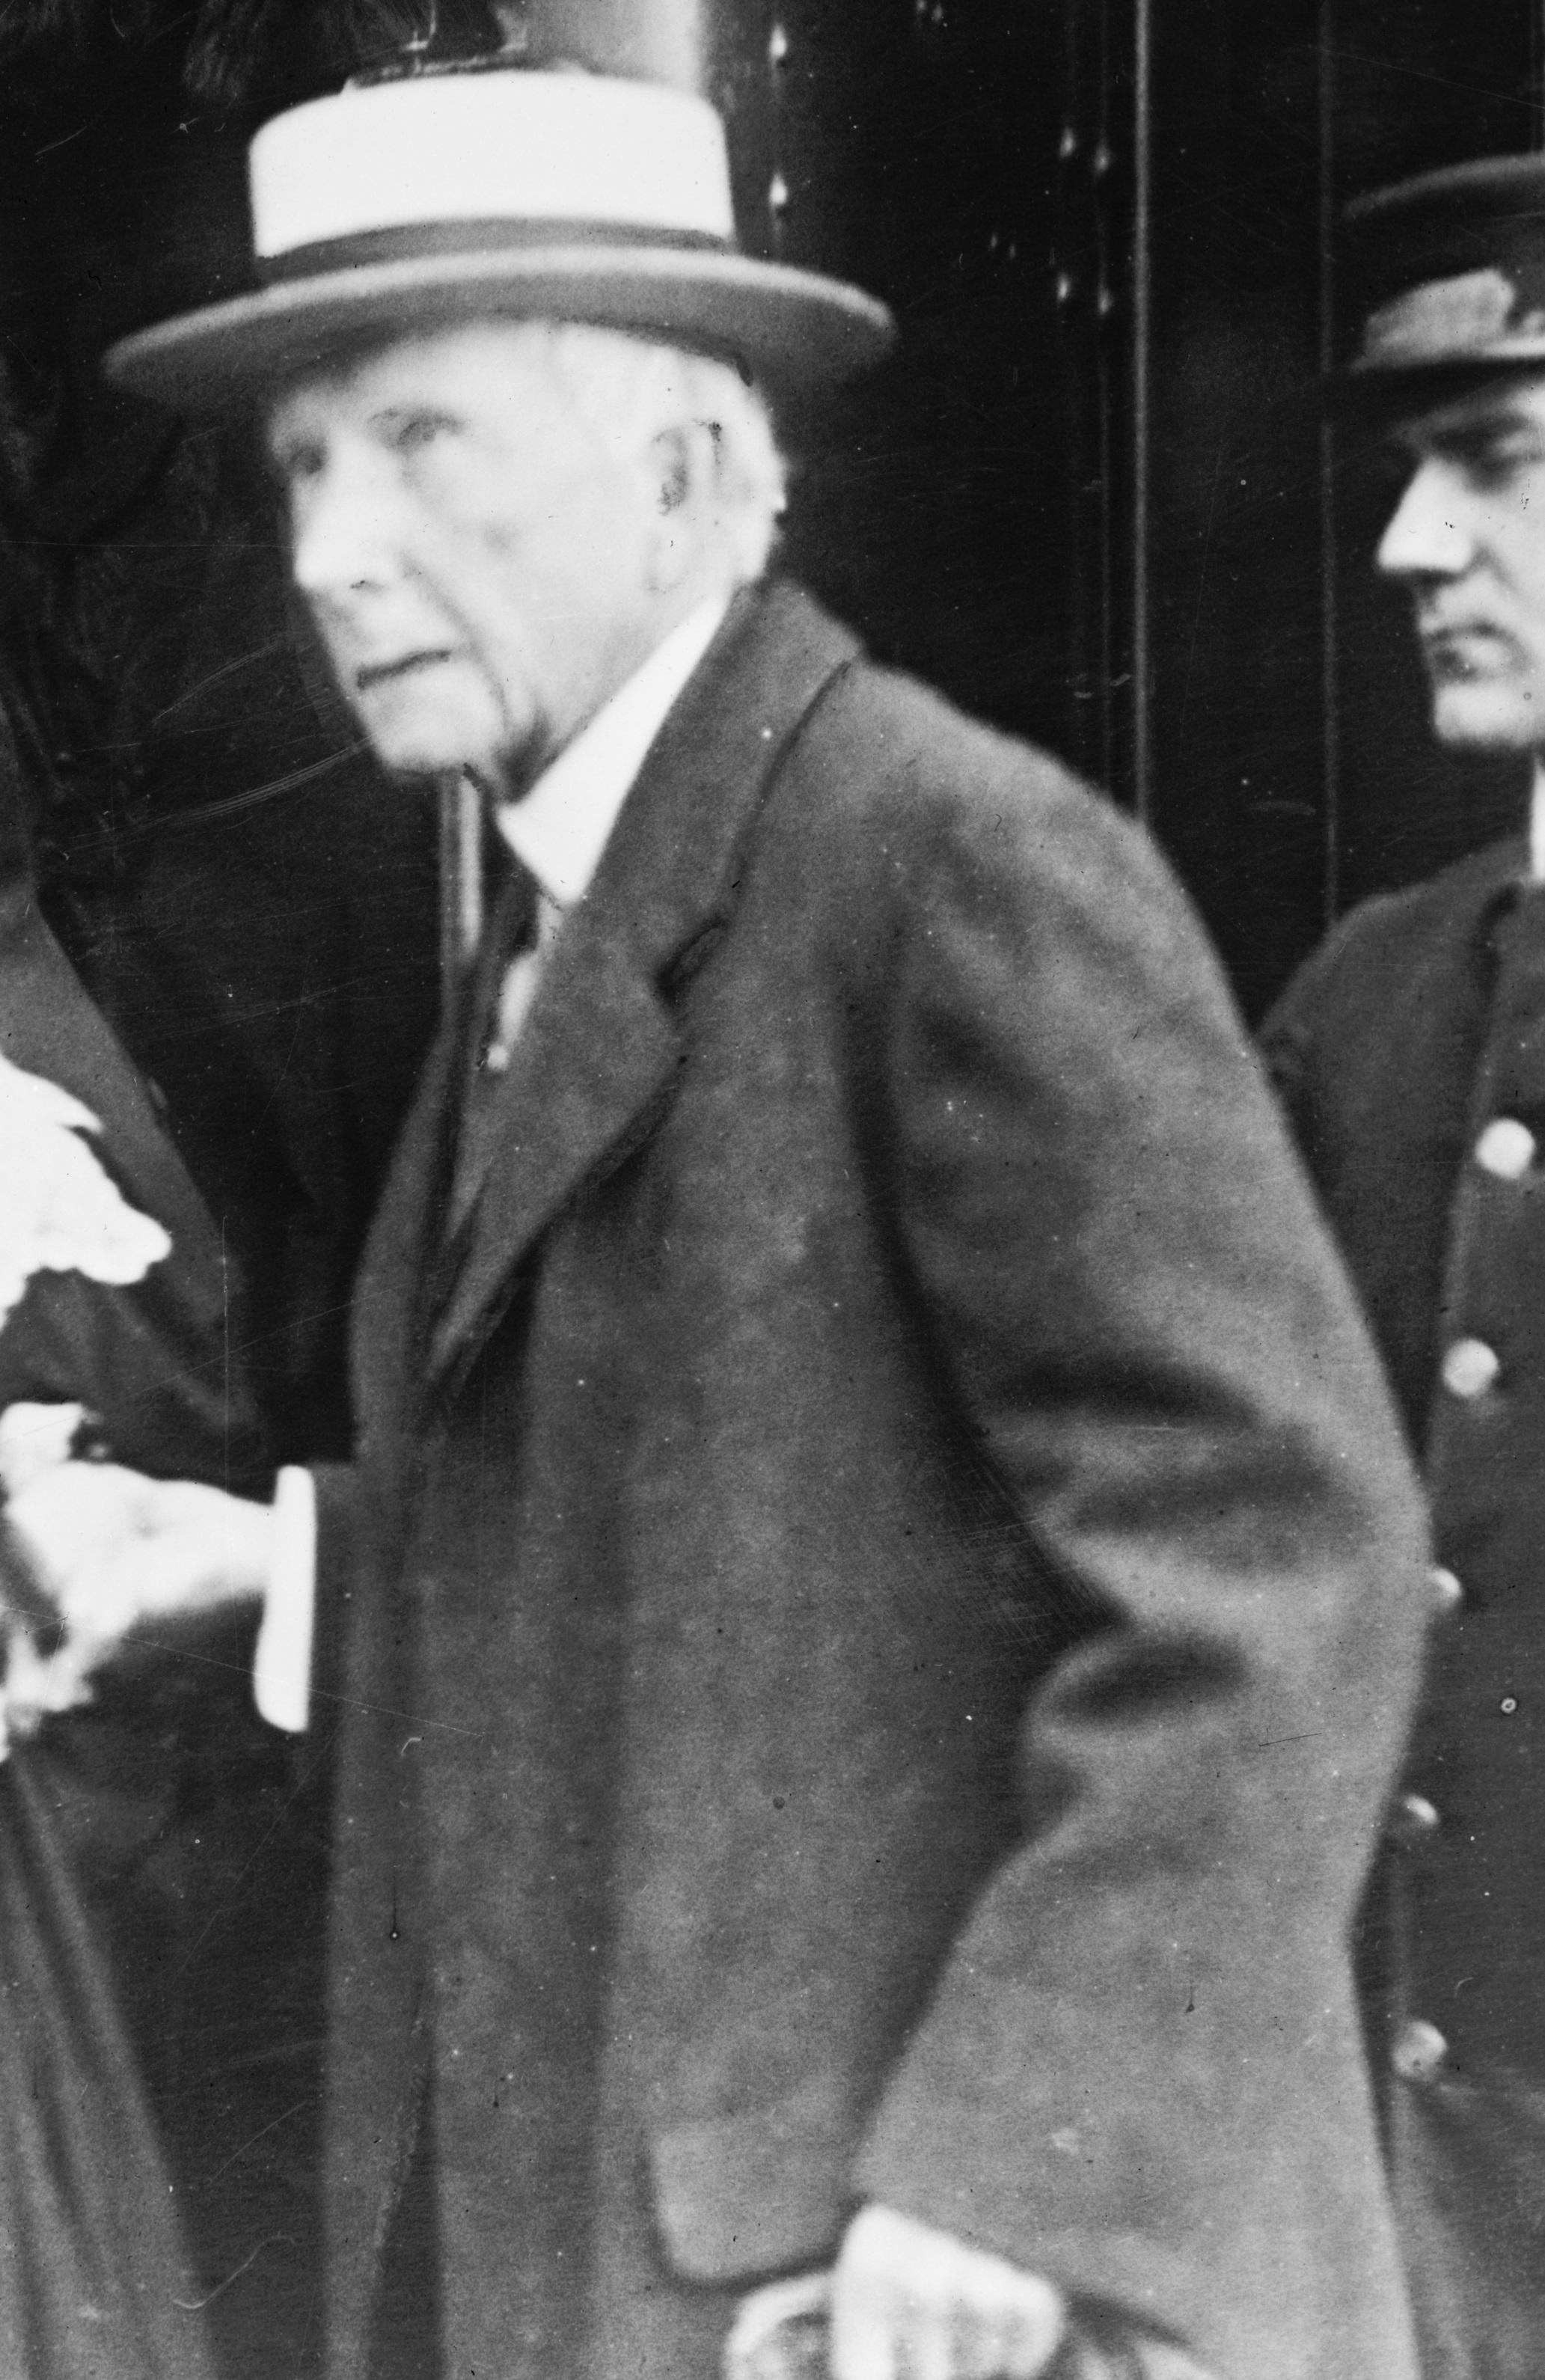 John Davison Rockefeller, Sr. (1839 – 1937), A...